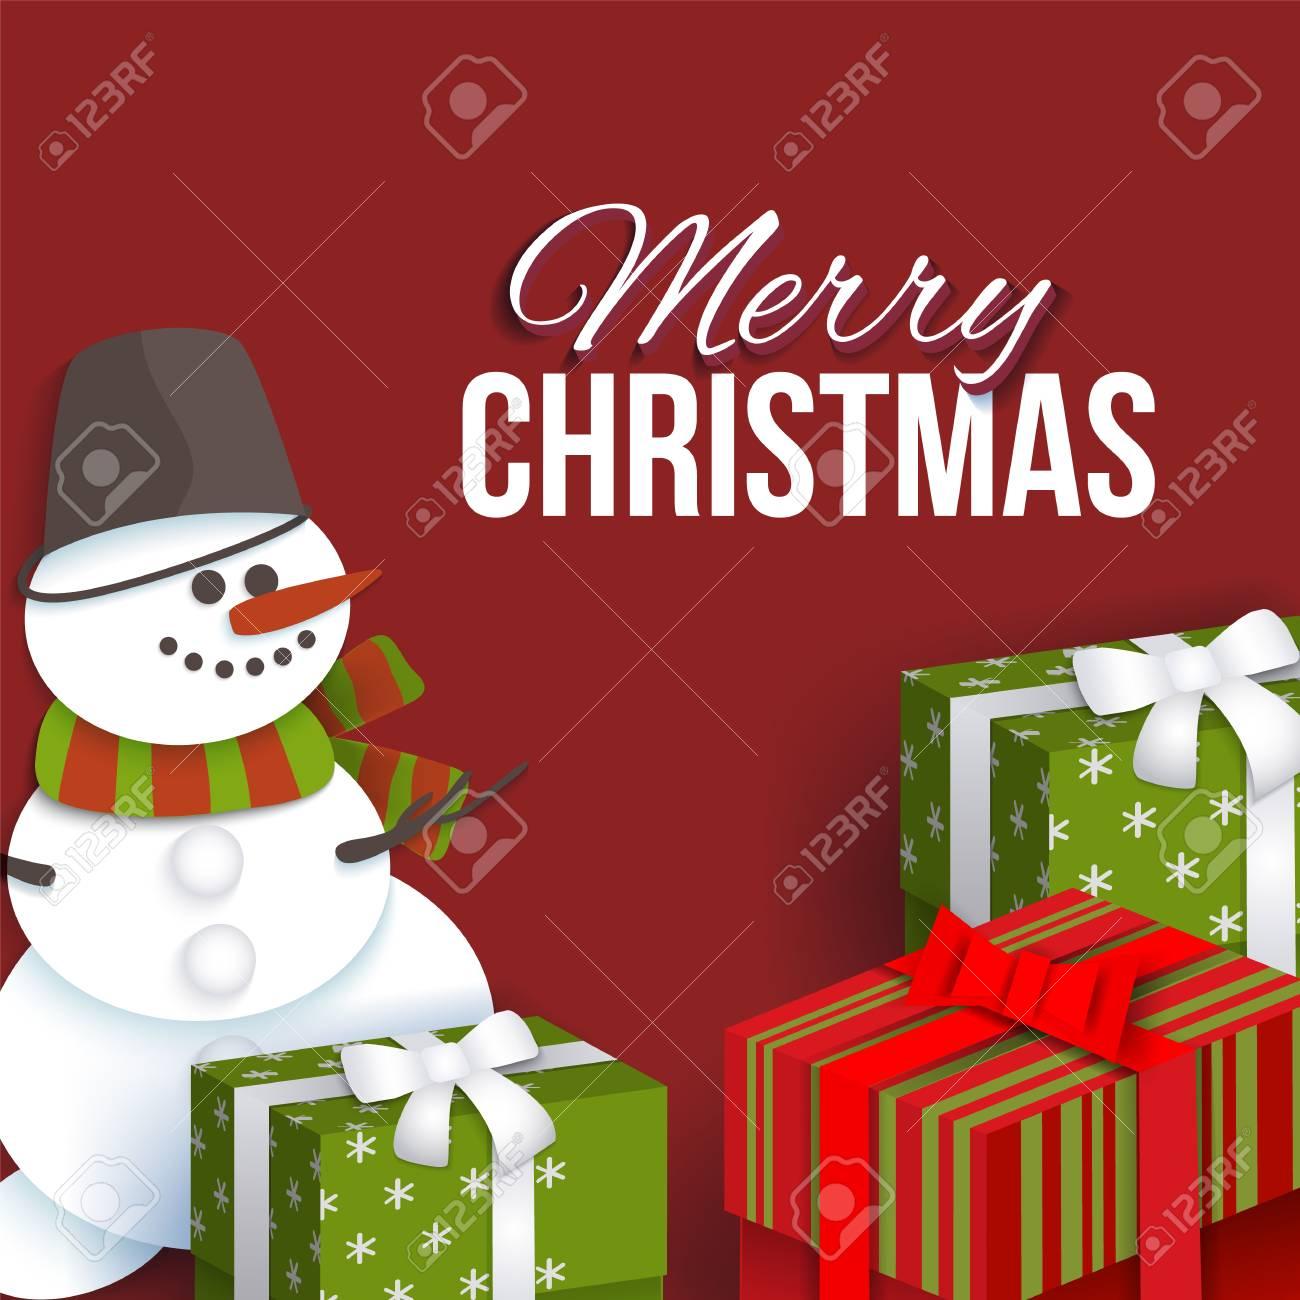 Modèle De Carte De Voeux Joyeux Noël Avec Papier Découpé, Bonhomme De Neige  Et Boîtes Présentes, Illustration Vectorielle. Joyeux Noël, Carte De Voeux intérieur Modèle Bonhomme De Neige À Découper